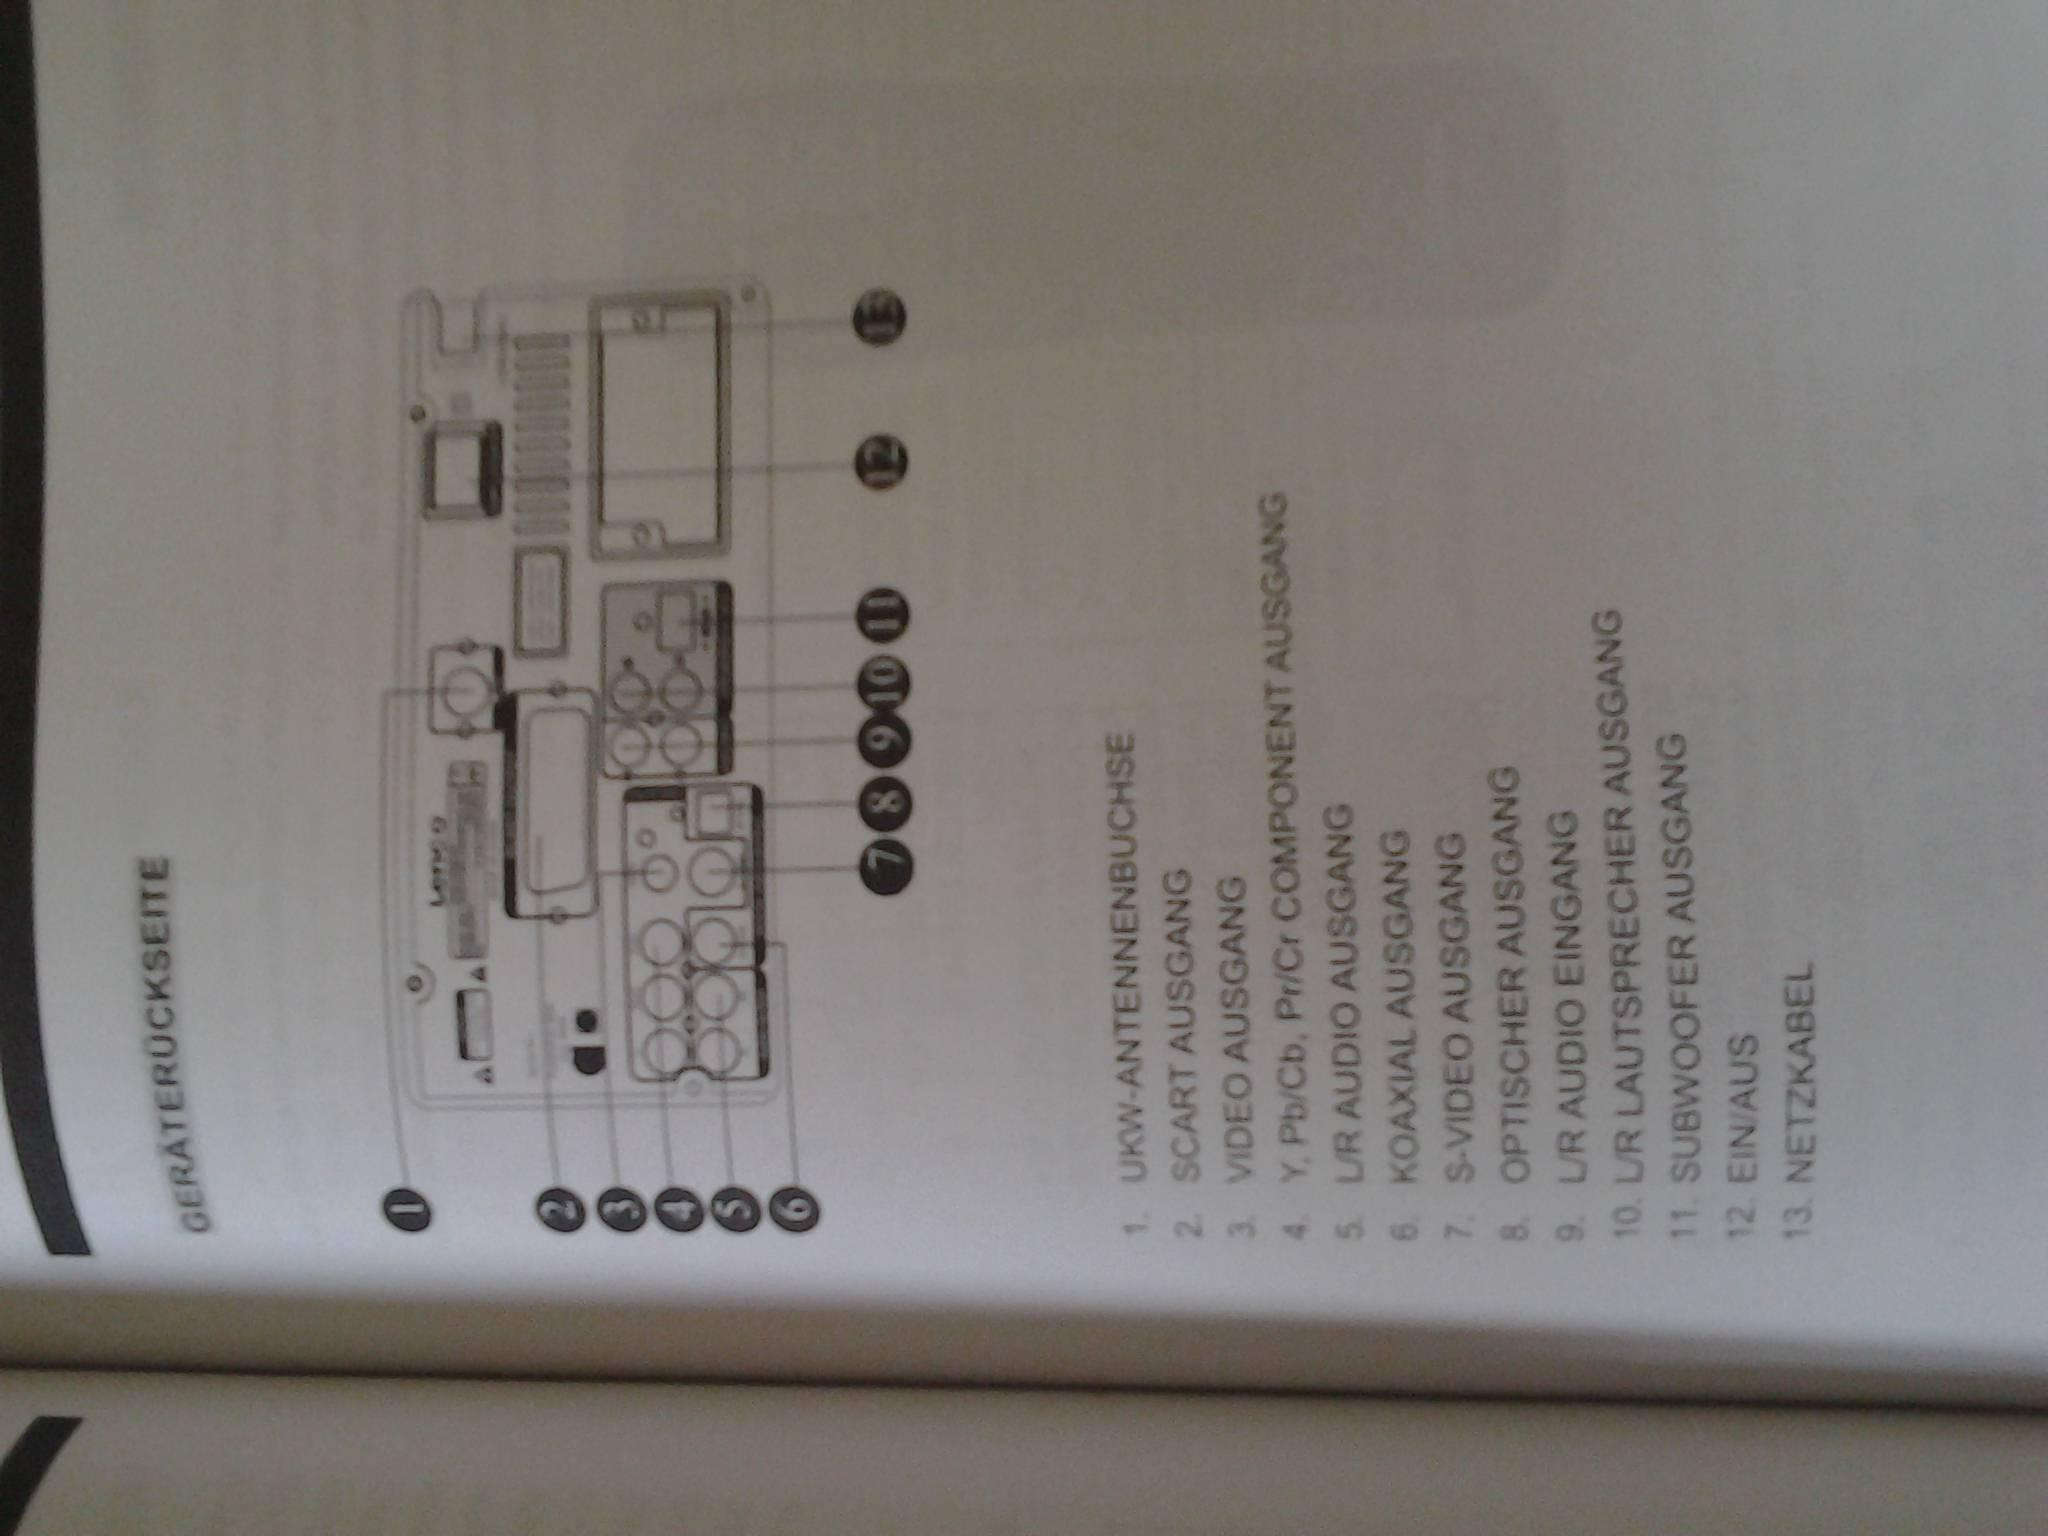 anlage ohne aux anschluss mit handy verbinden technik. Black Bedroom Furniture Sets. Home Design Ideas